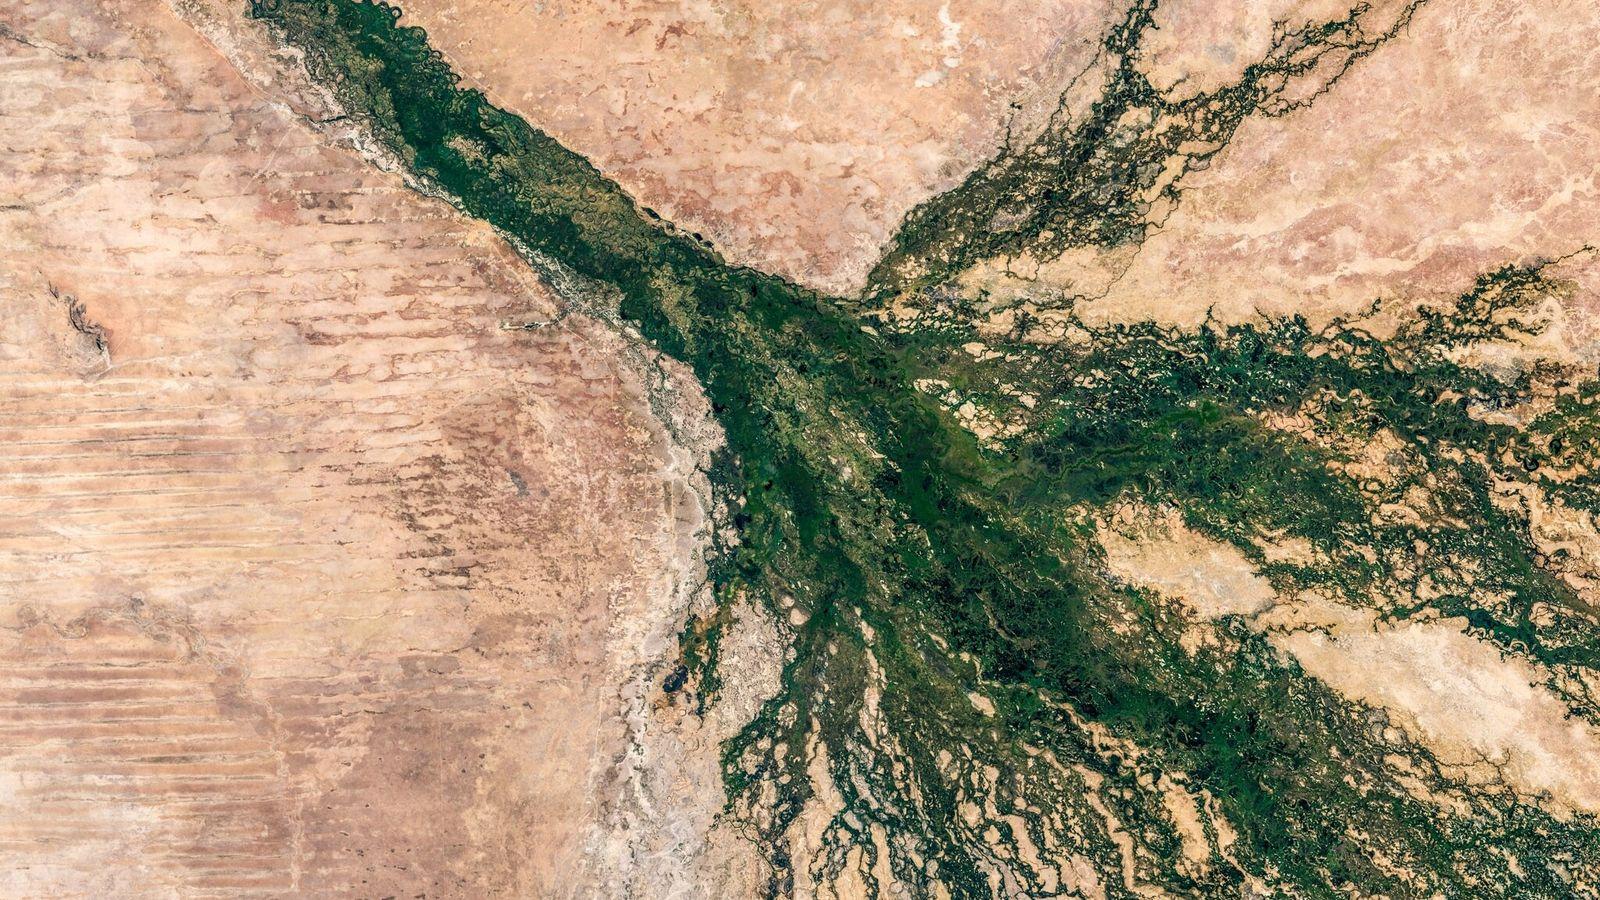 Unas franjas verdes definen el delta del Okavango de Botsuana, visto desde el espacio. El humedal ...